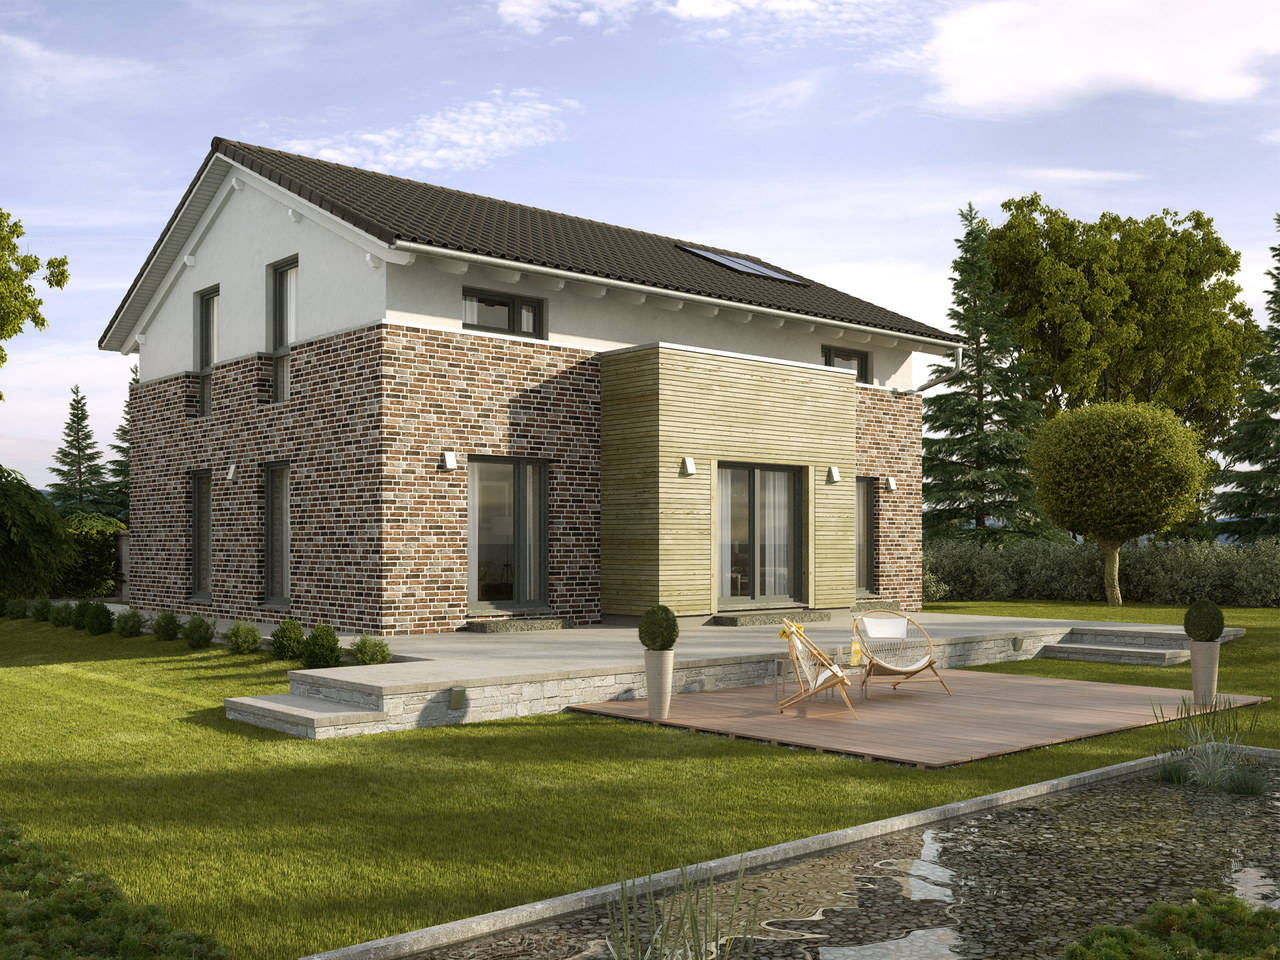 Einfamilienhaus Pappelallee Variante 2 GUSSEK HAUS